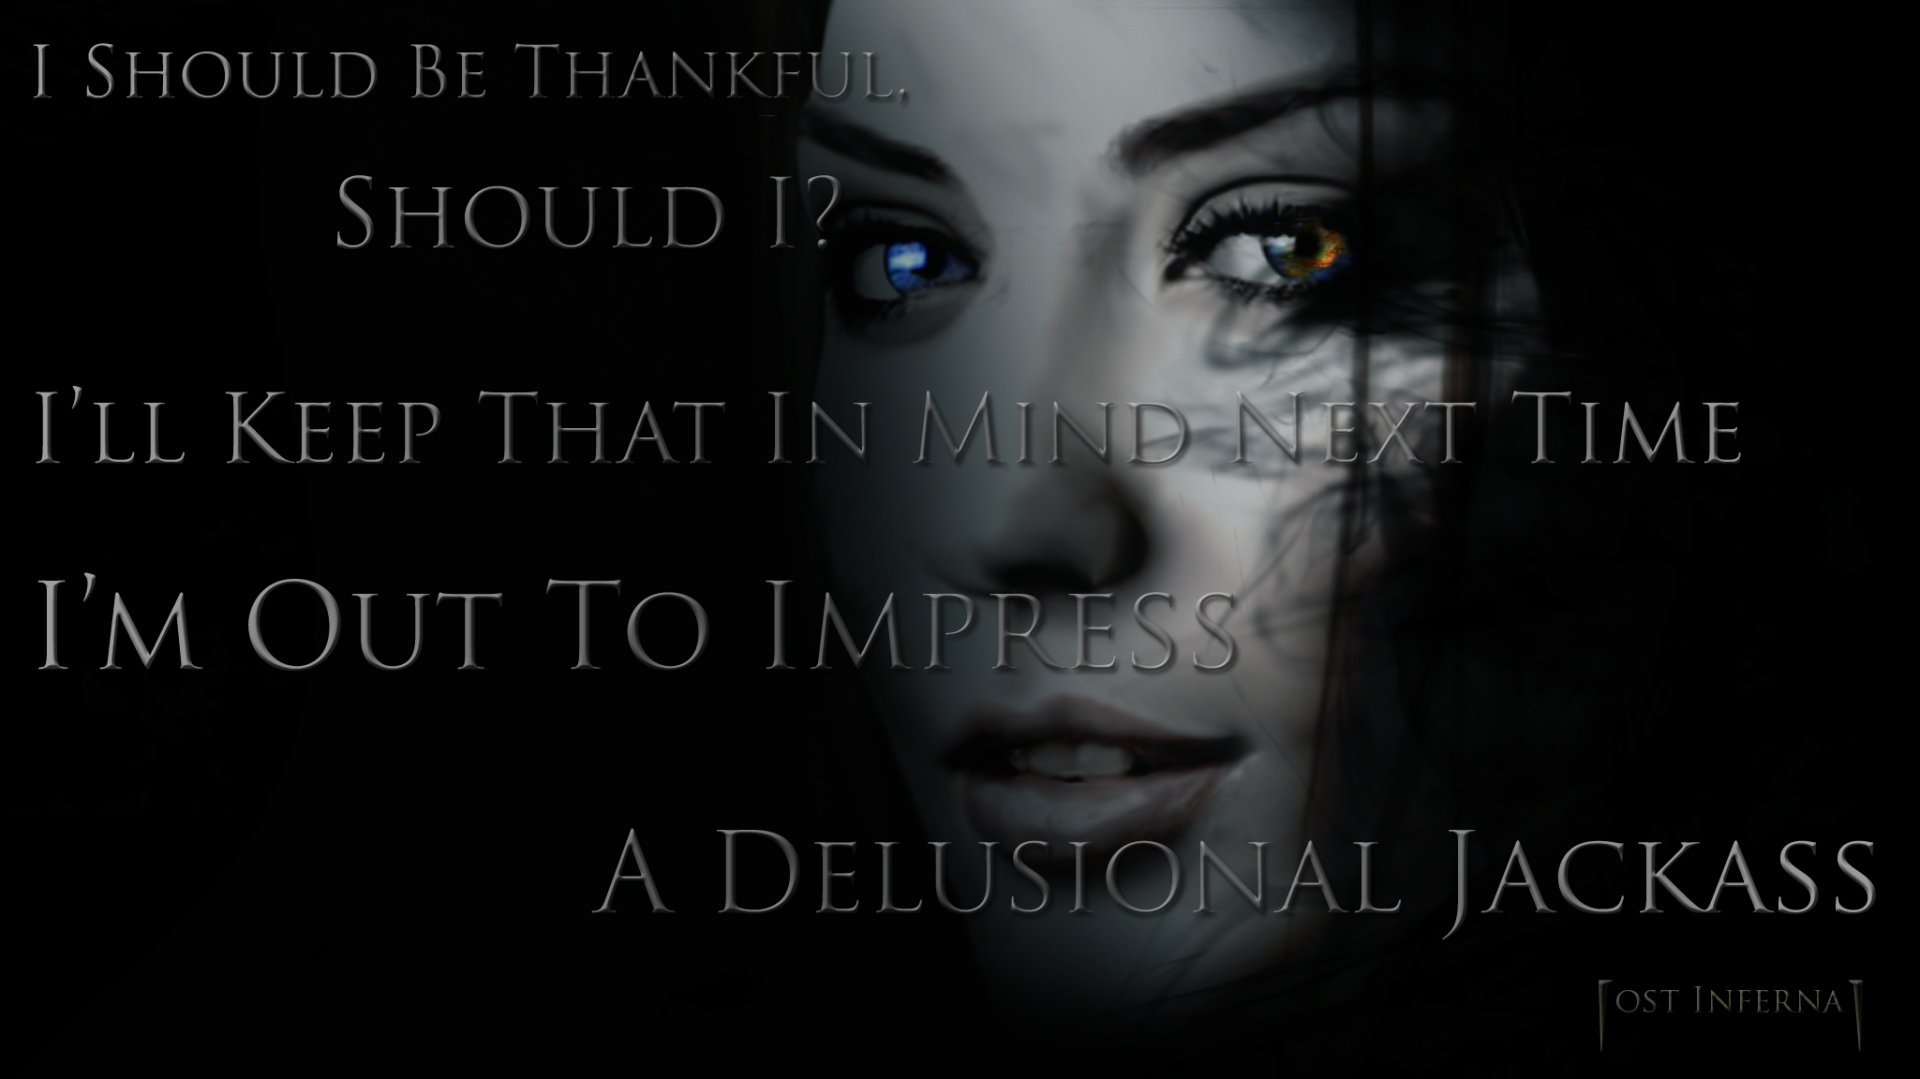 vampire hunter lieutenant estellia highlander full hd